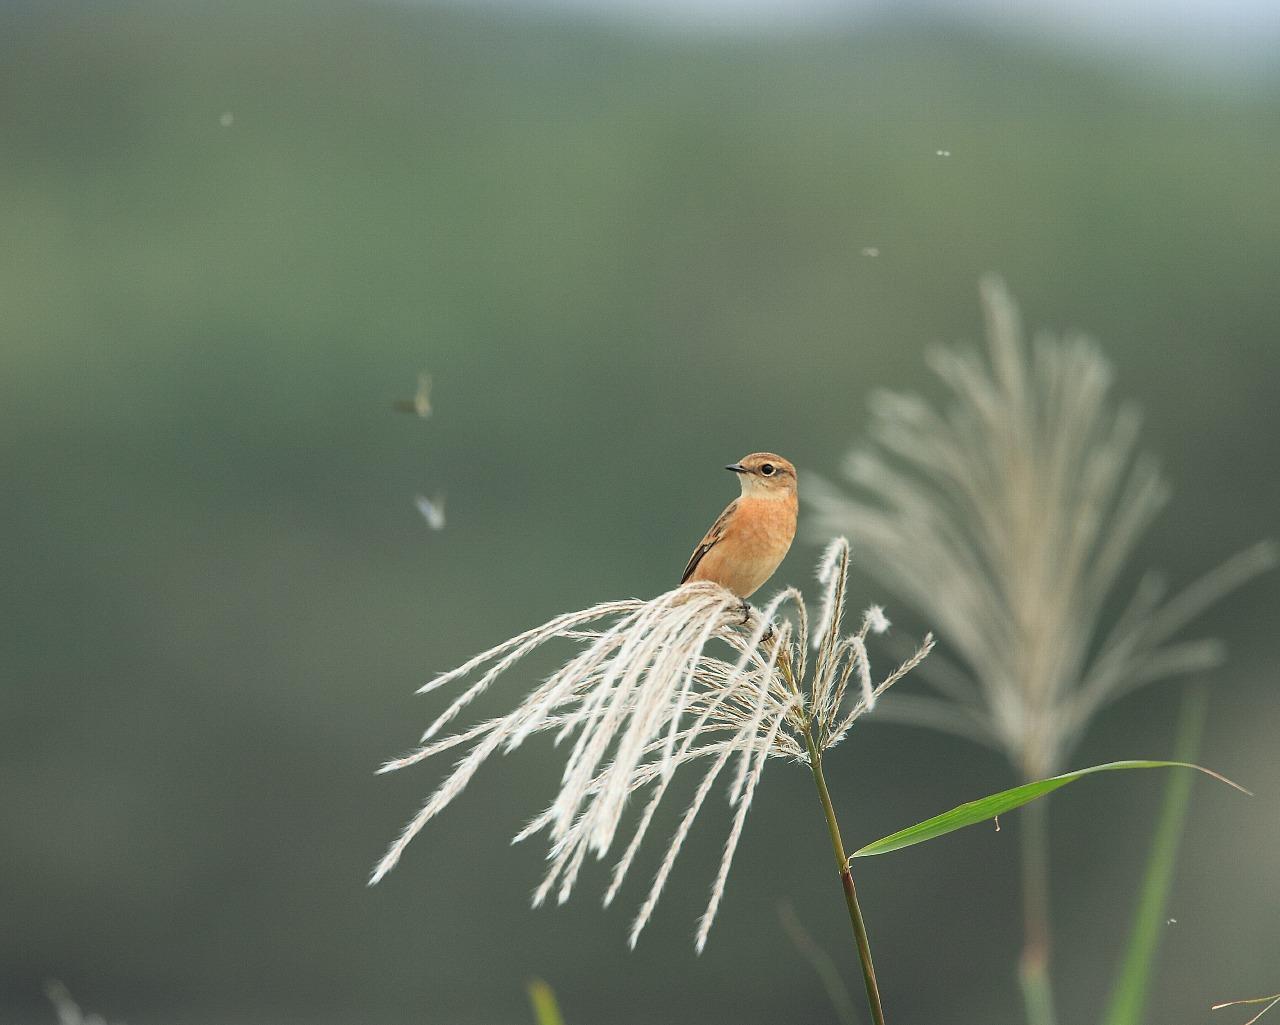 秋の季節感たっぷりのノビタキ_f0105570_22155535.jpg